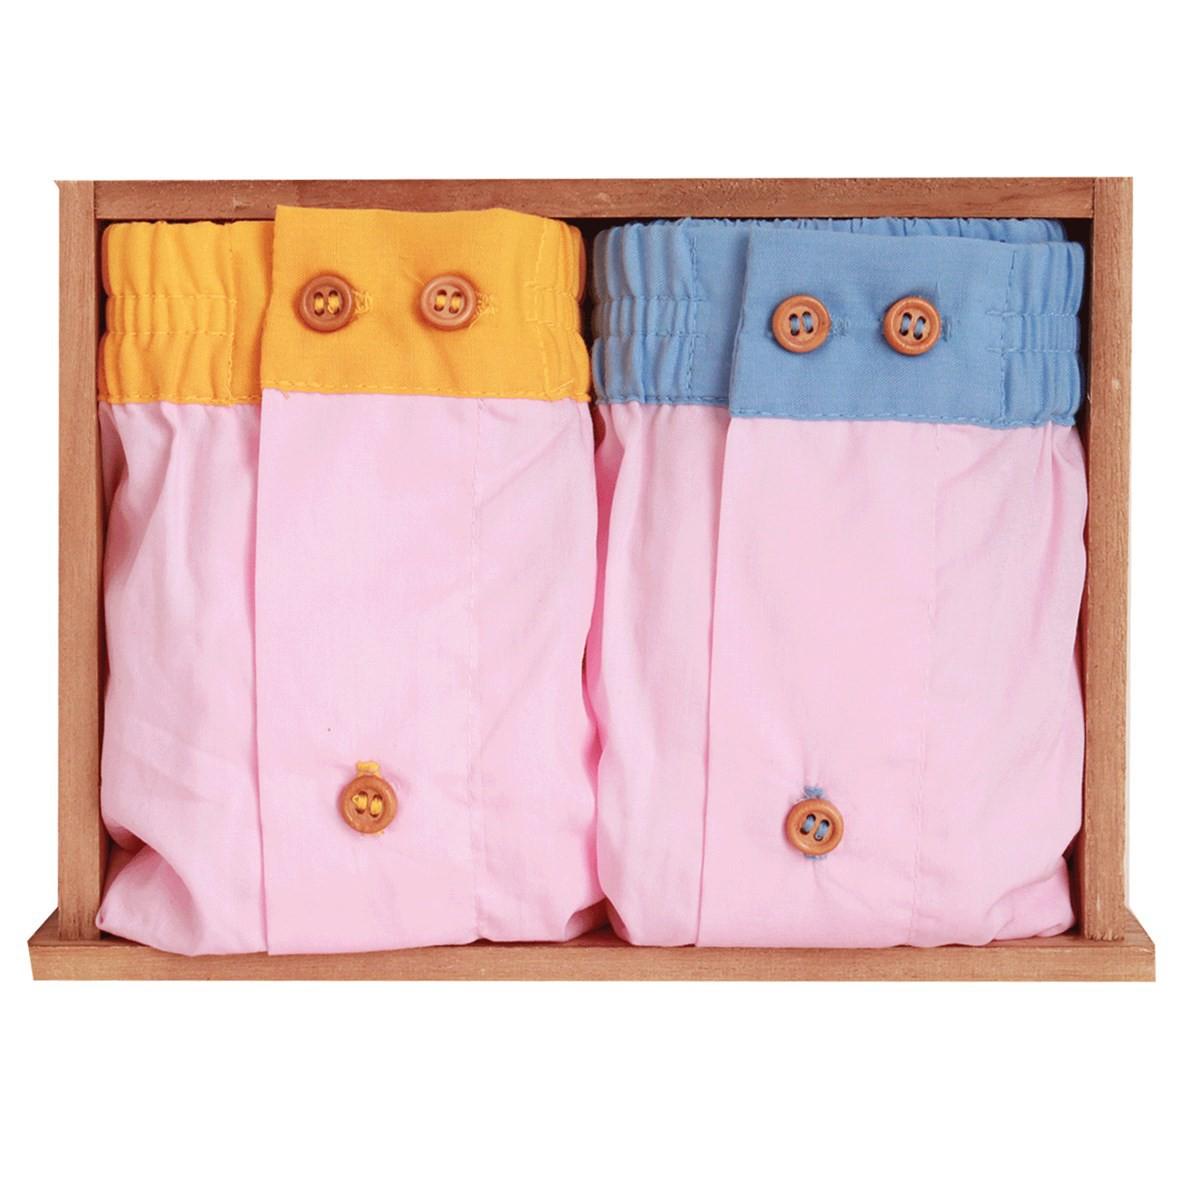 Duo de caleçons roses avec ceinture jaune et bleue en coffret